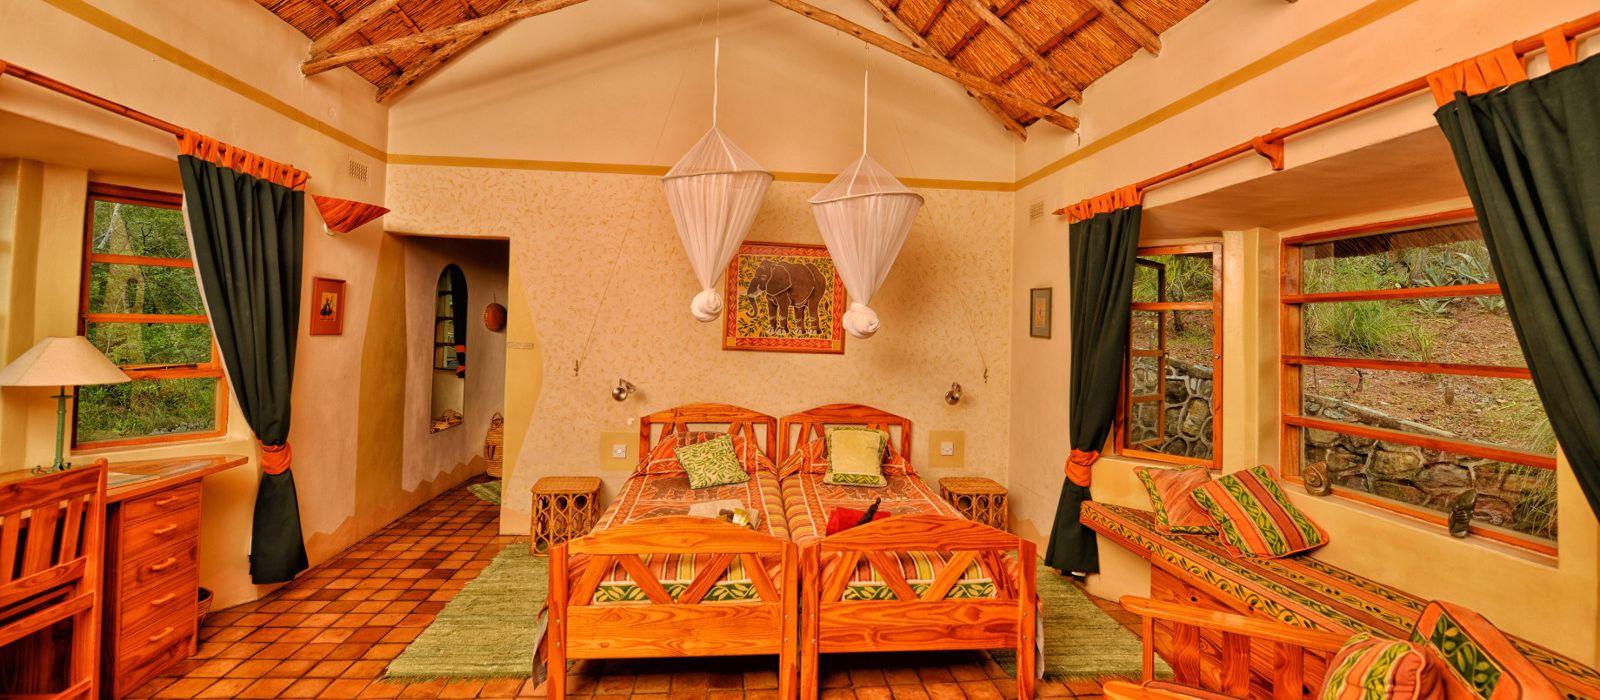 Hotel Musangano Lodge Zimbabwe